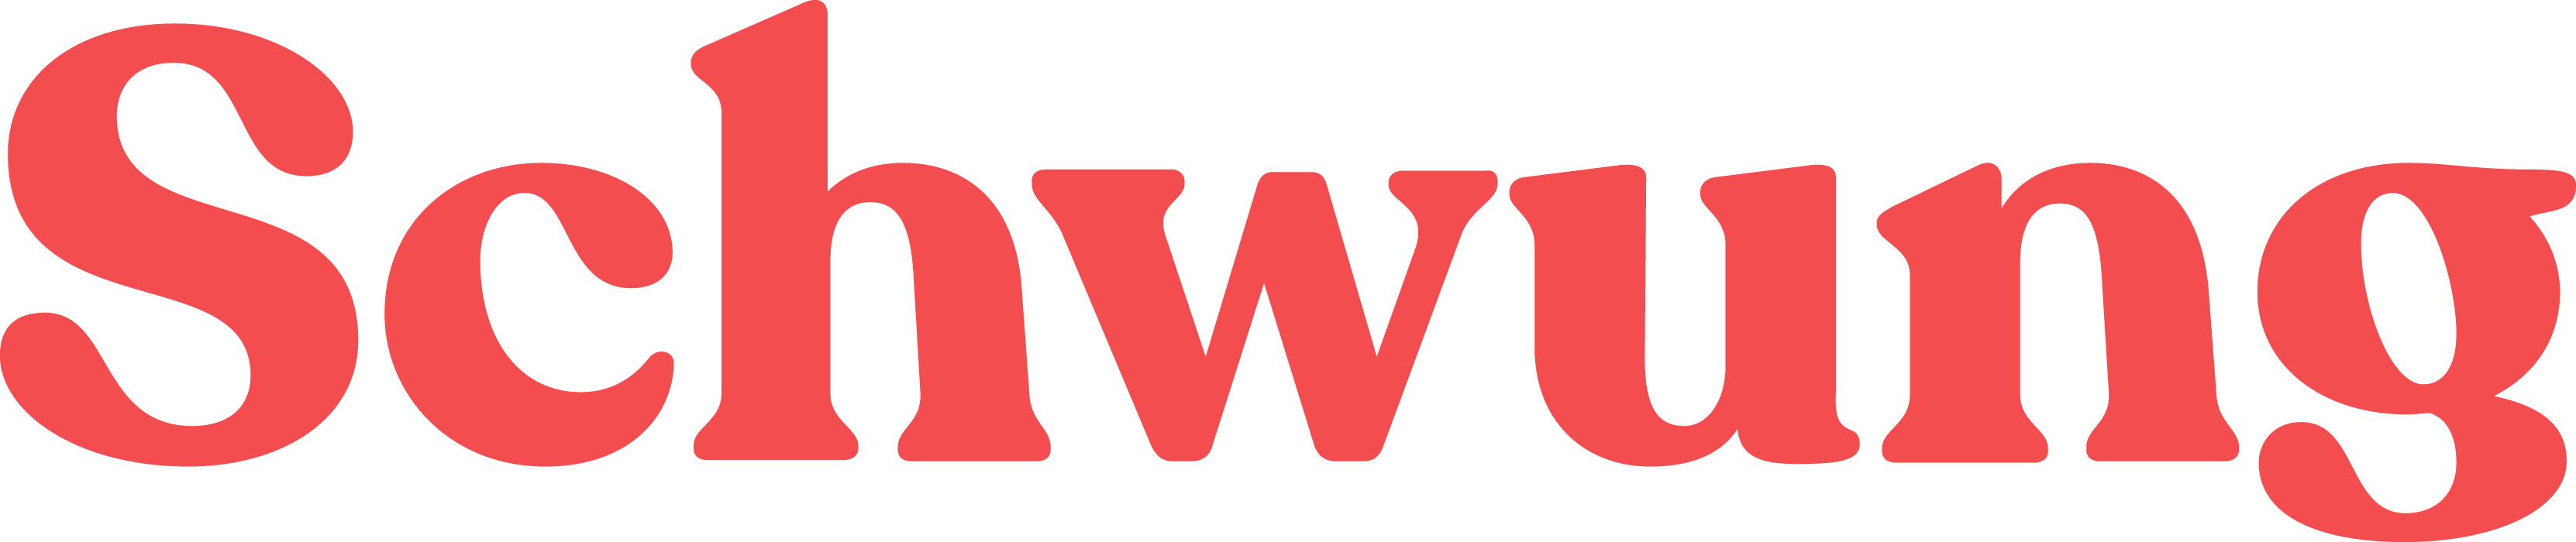 Schwung BV-logo